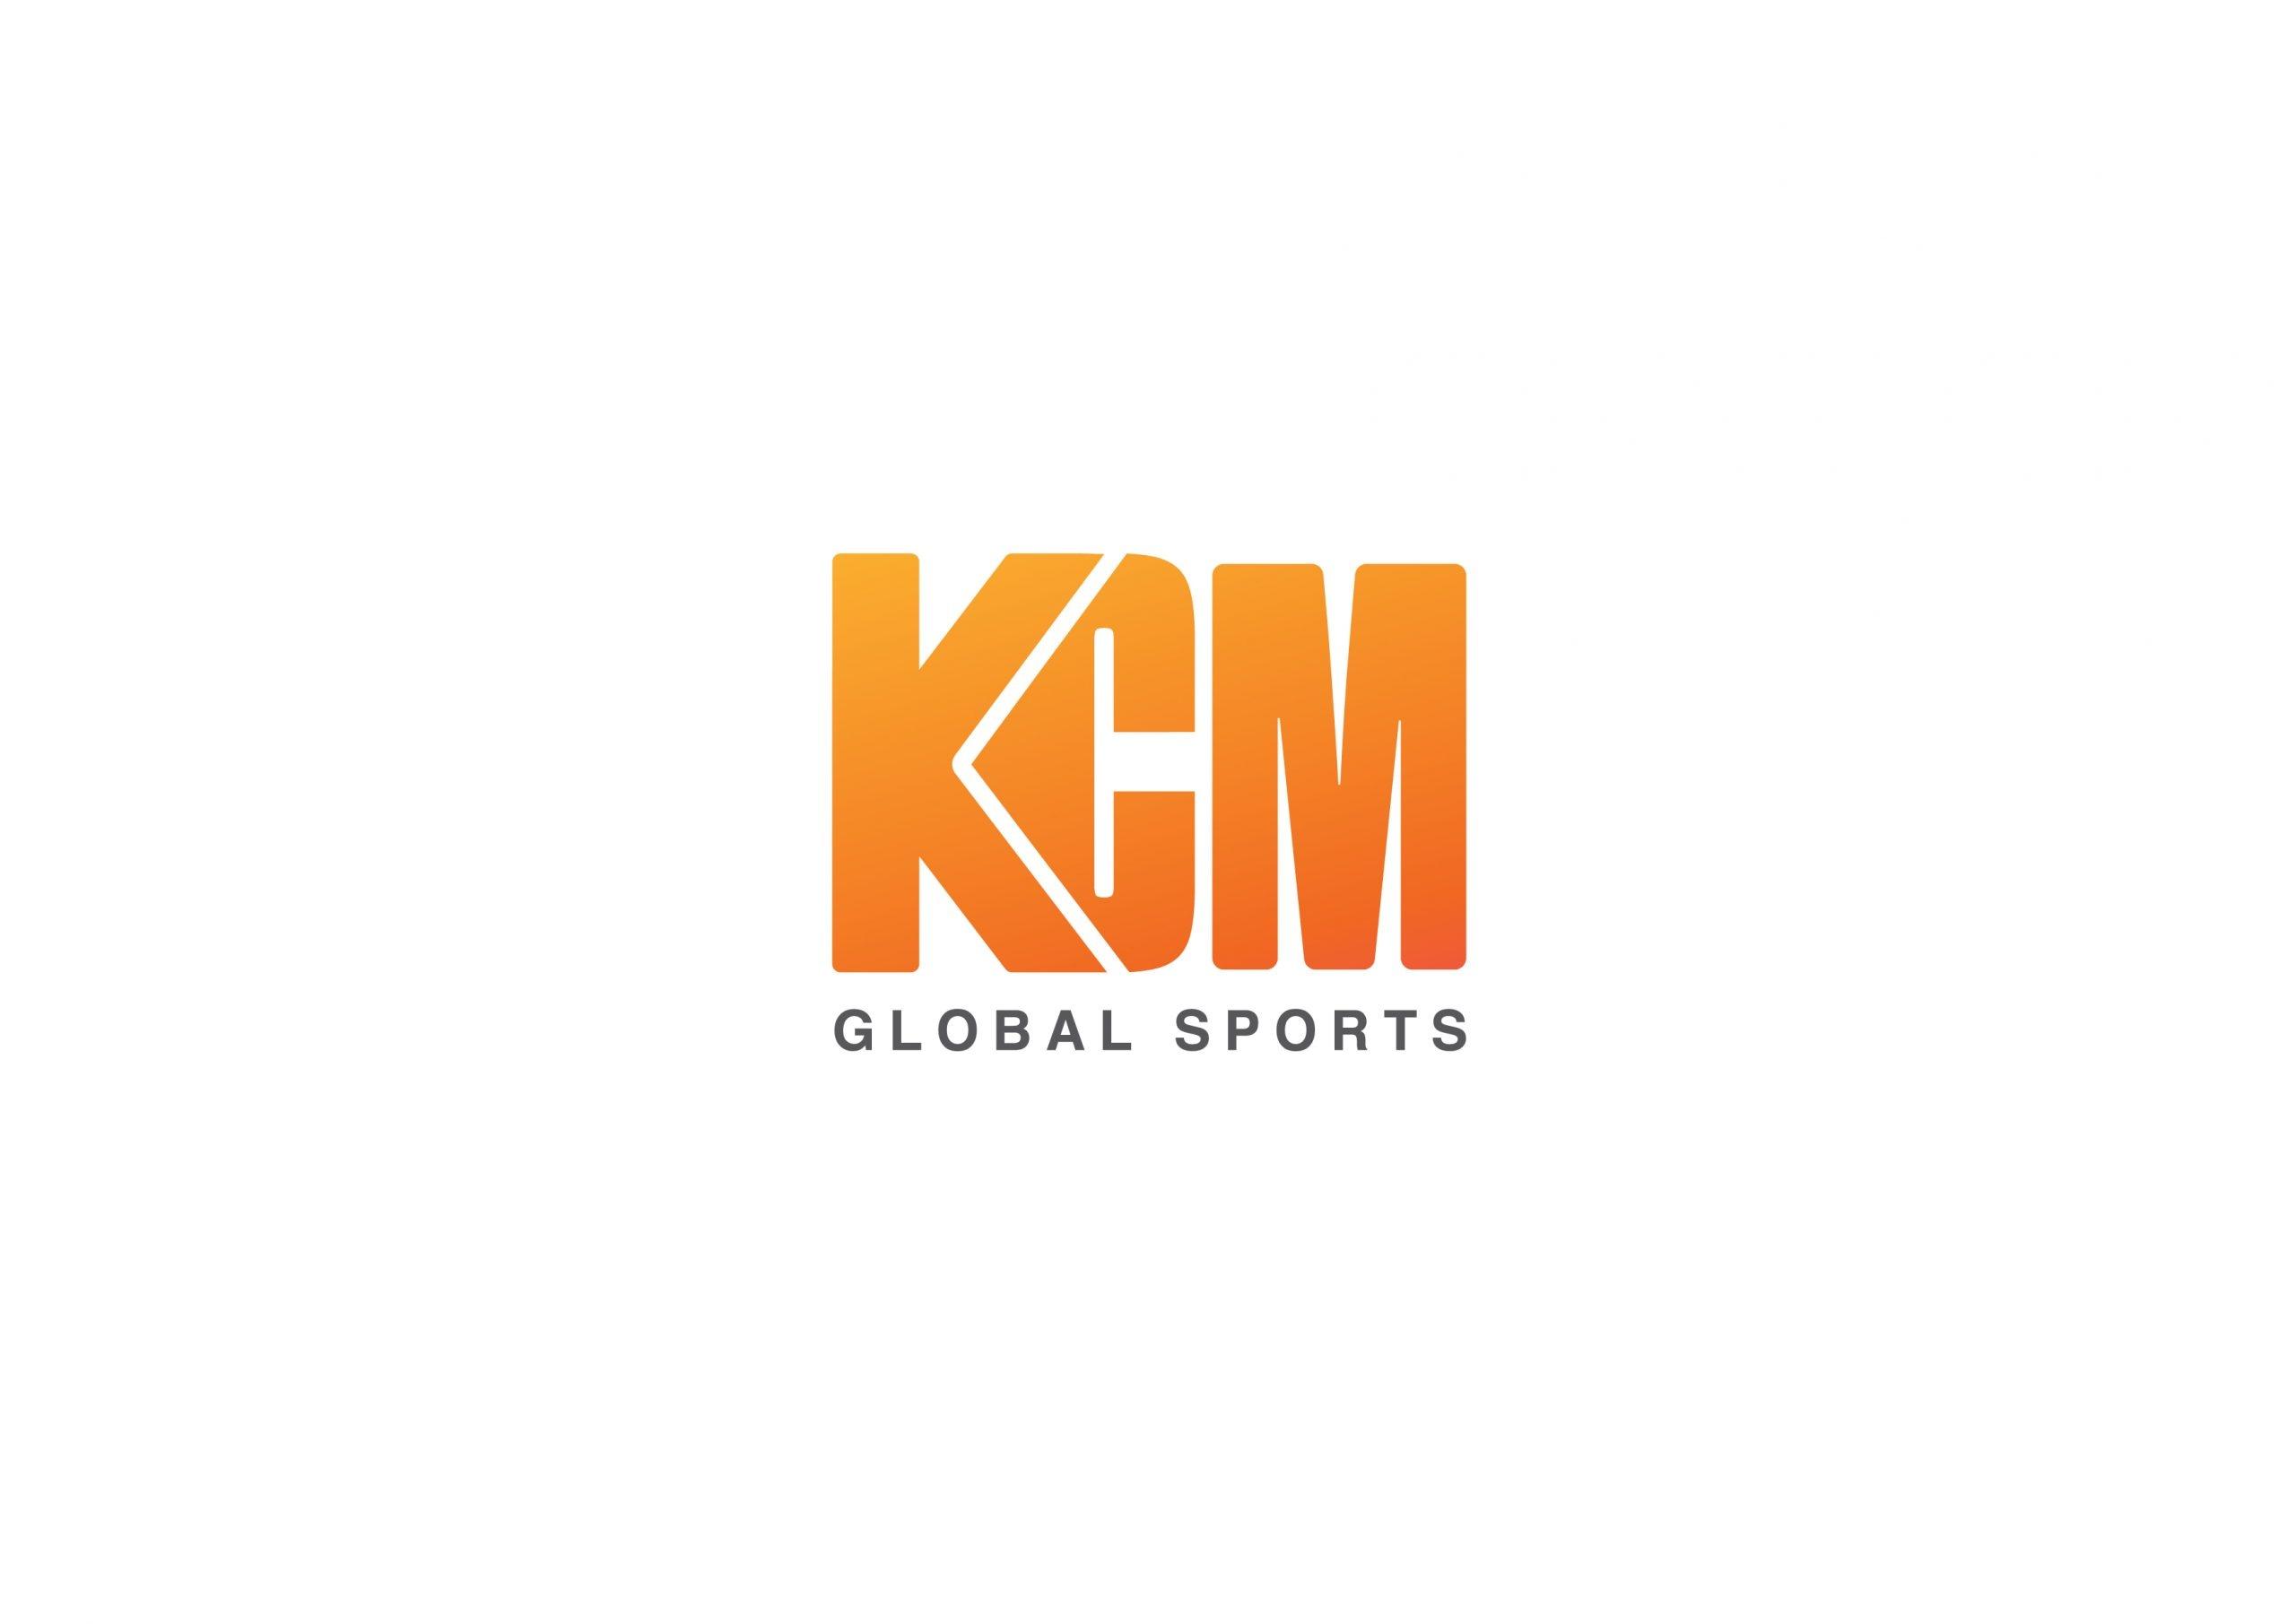 KCM Global Sports